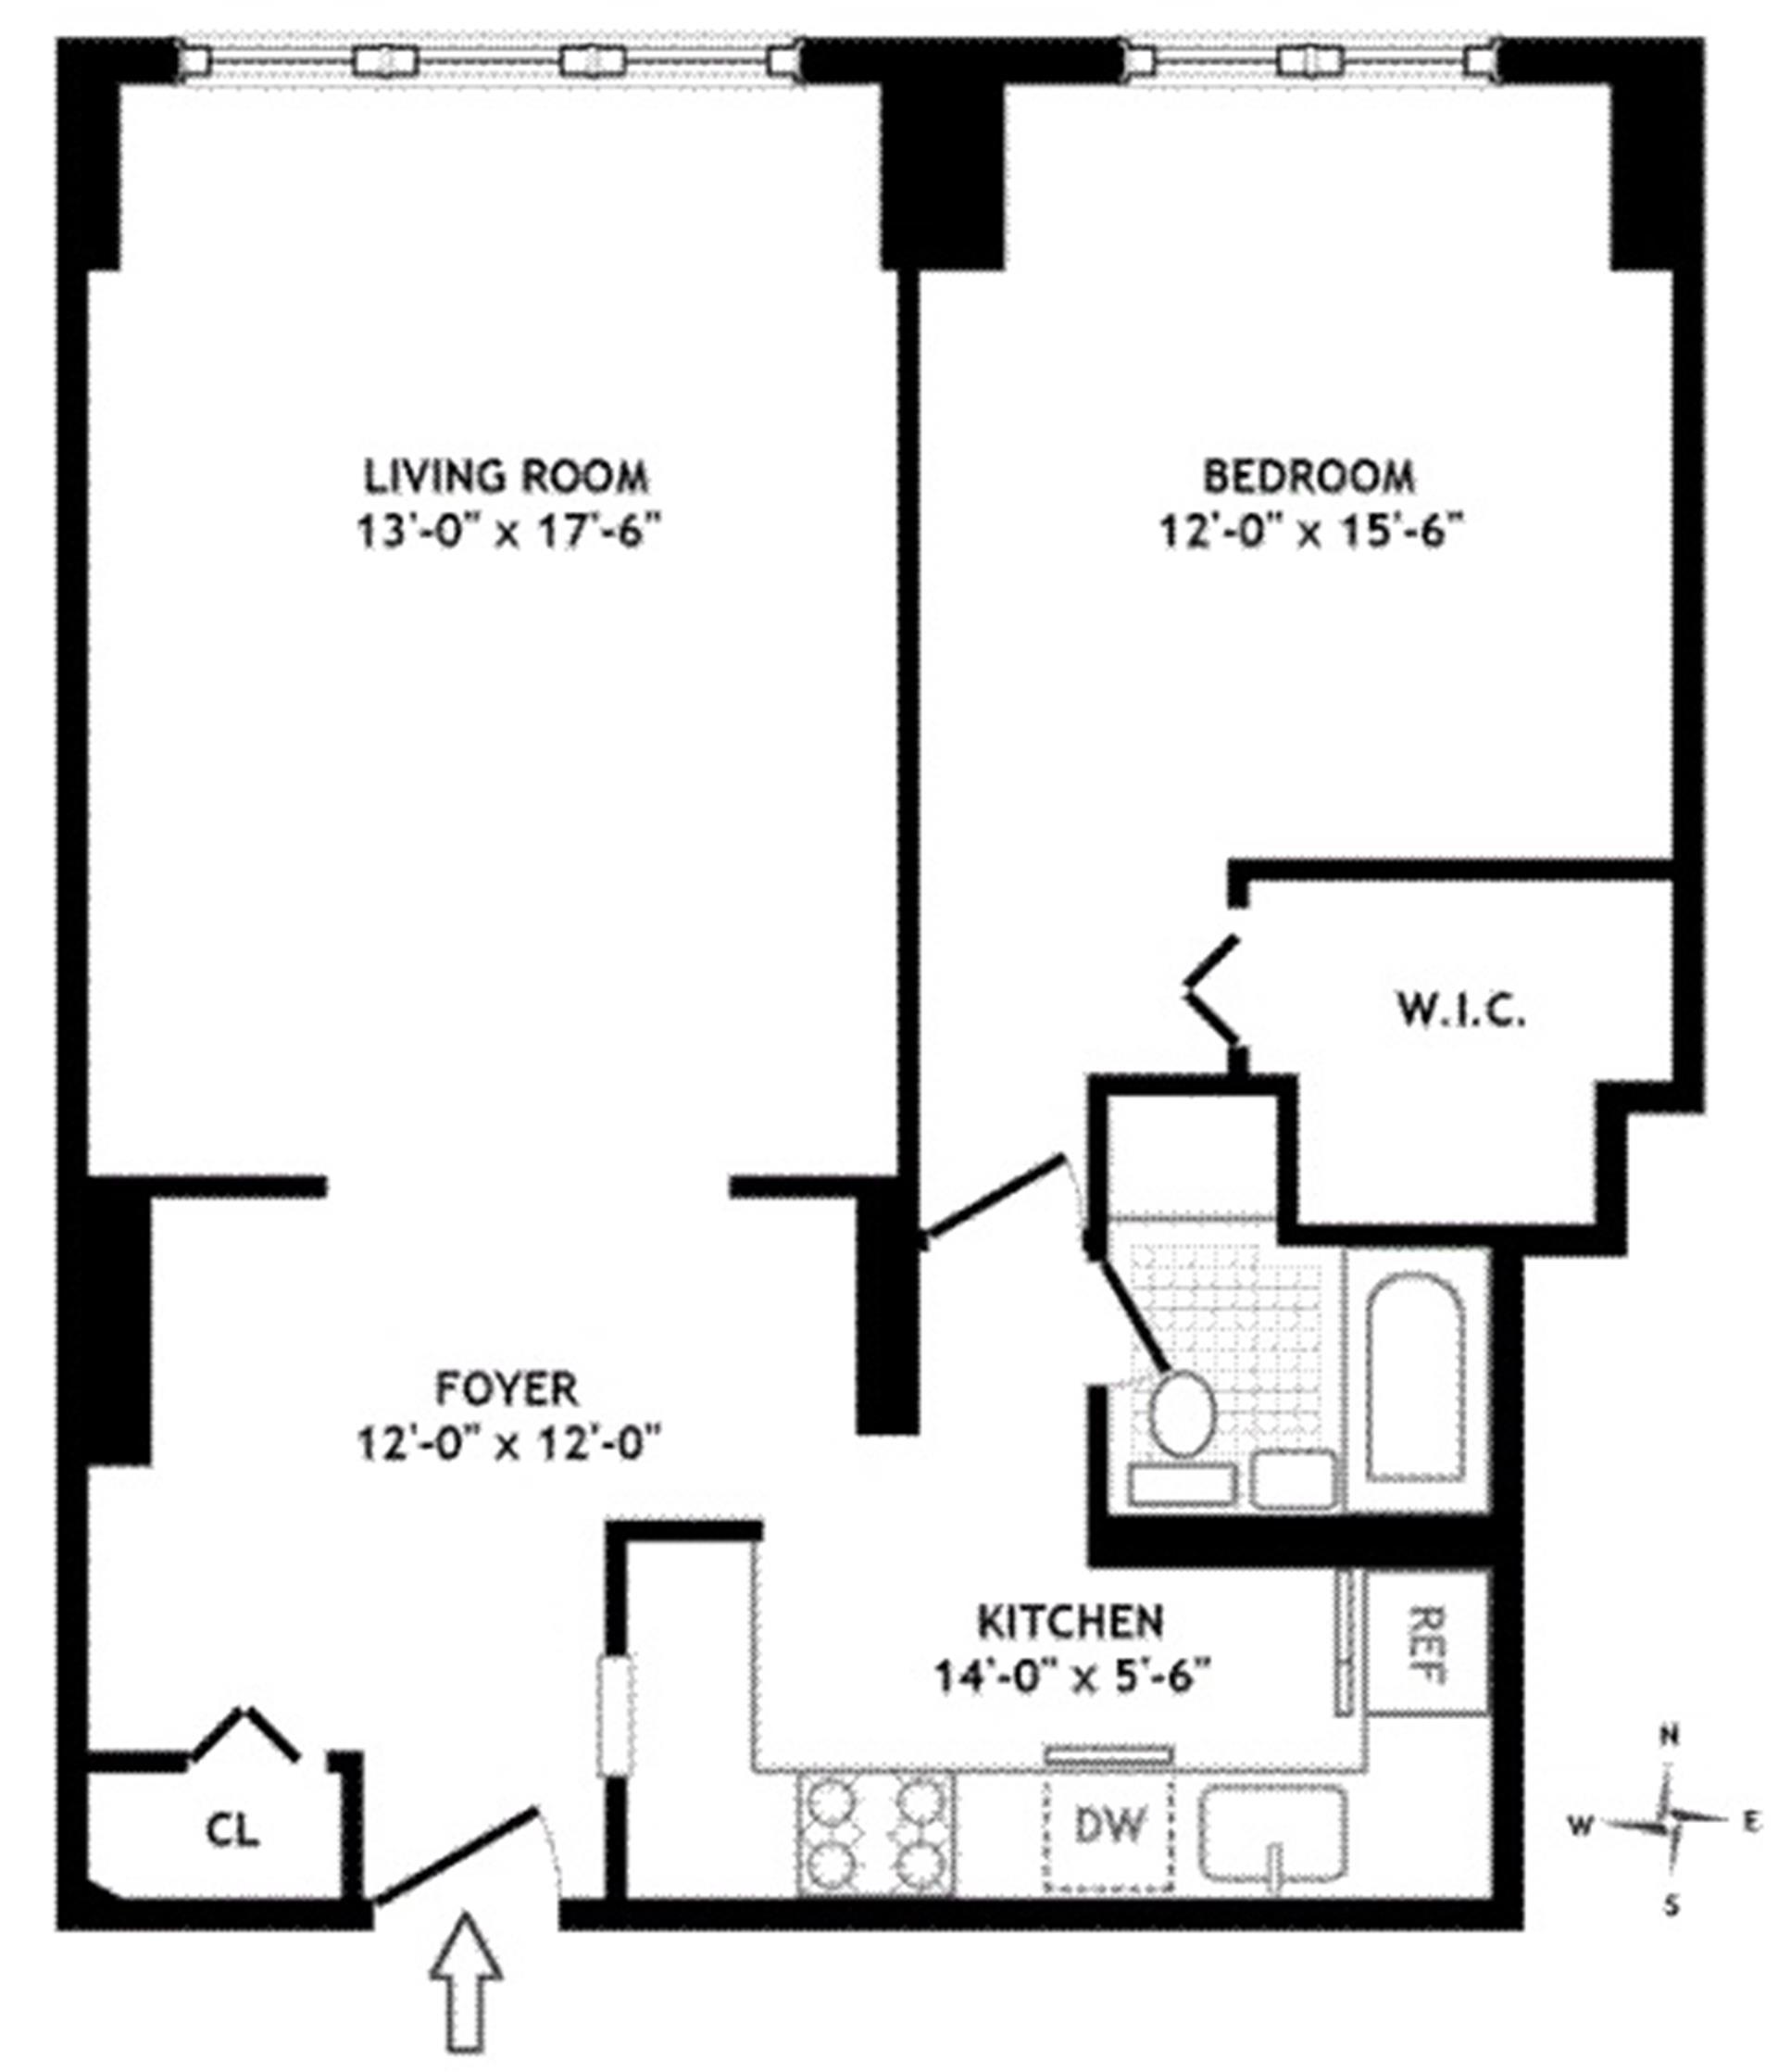 Floor plan of 196 East 75th St, 4B - Upper East Side, New York